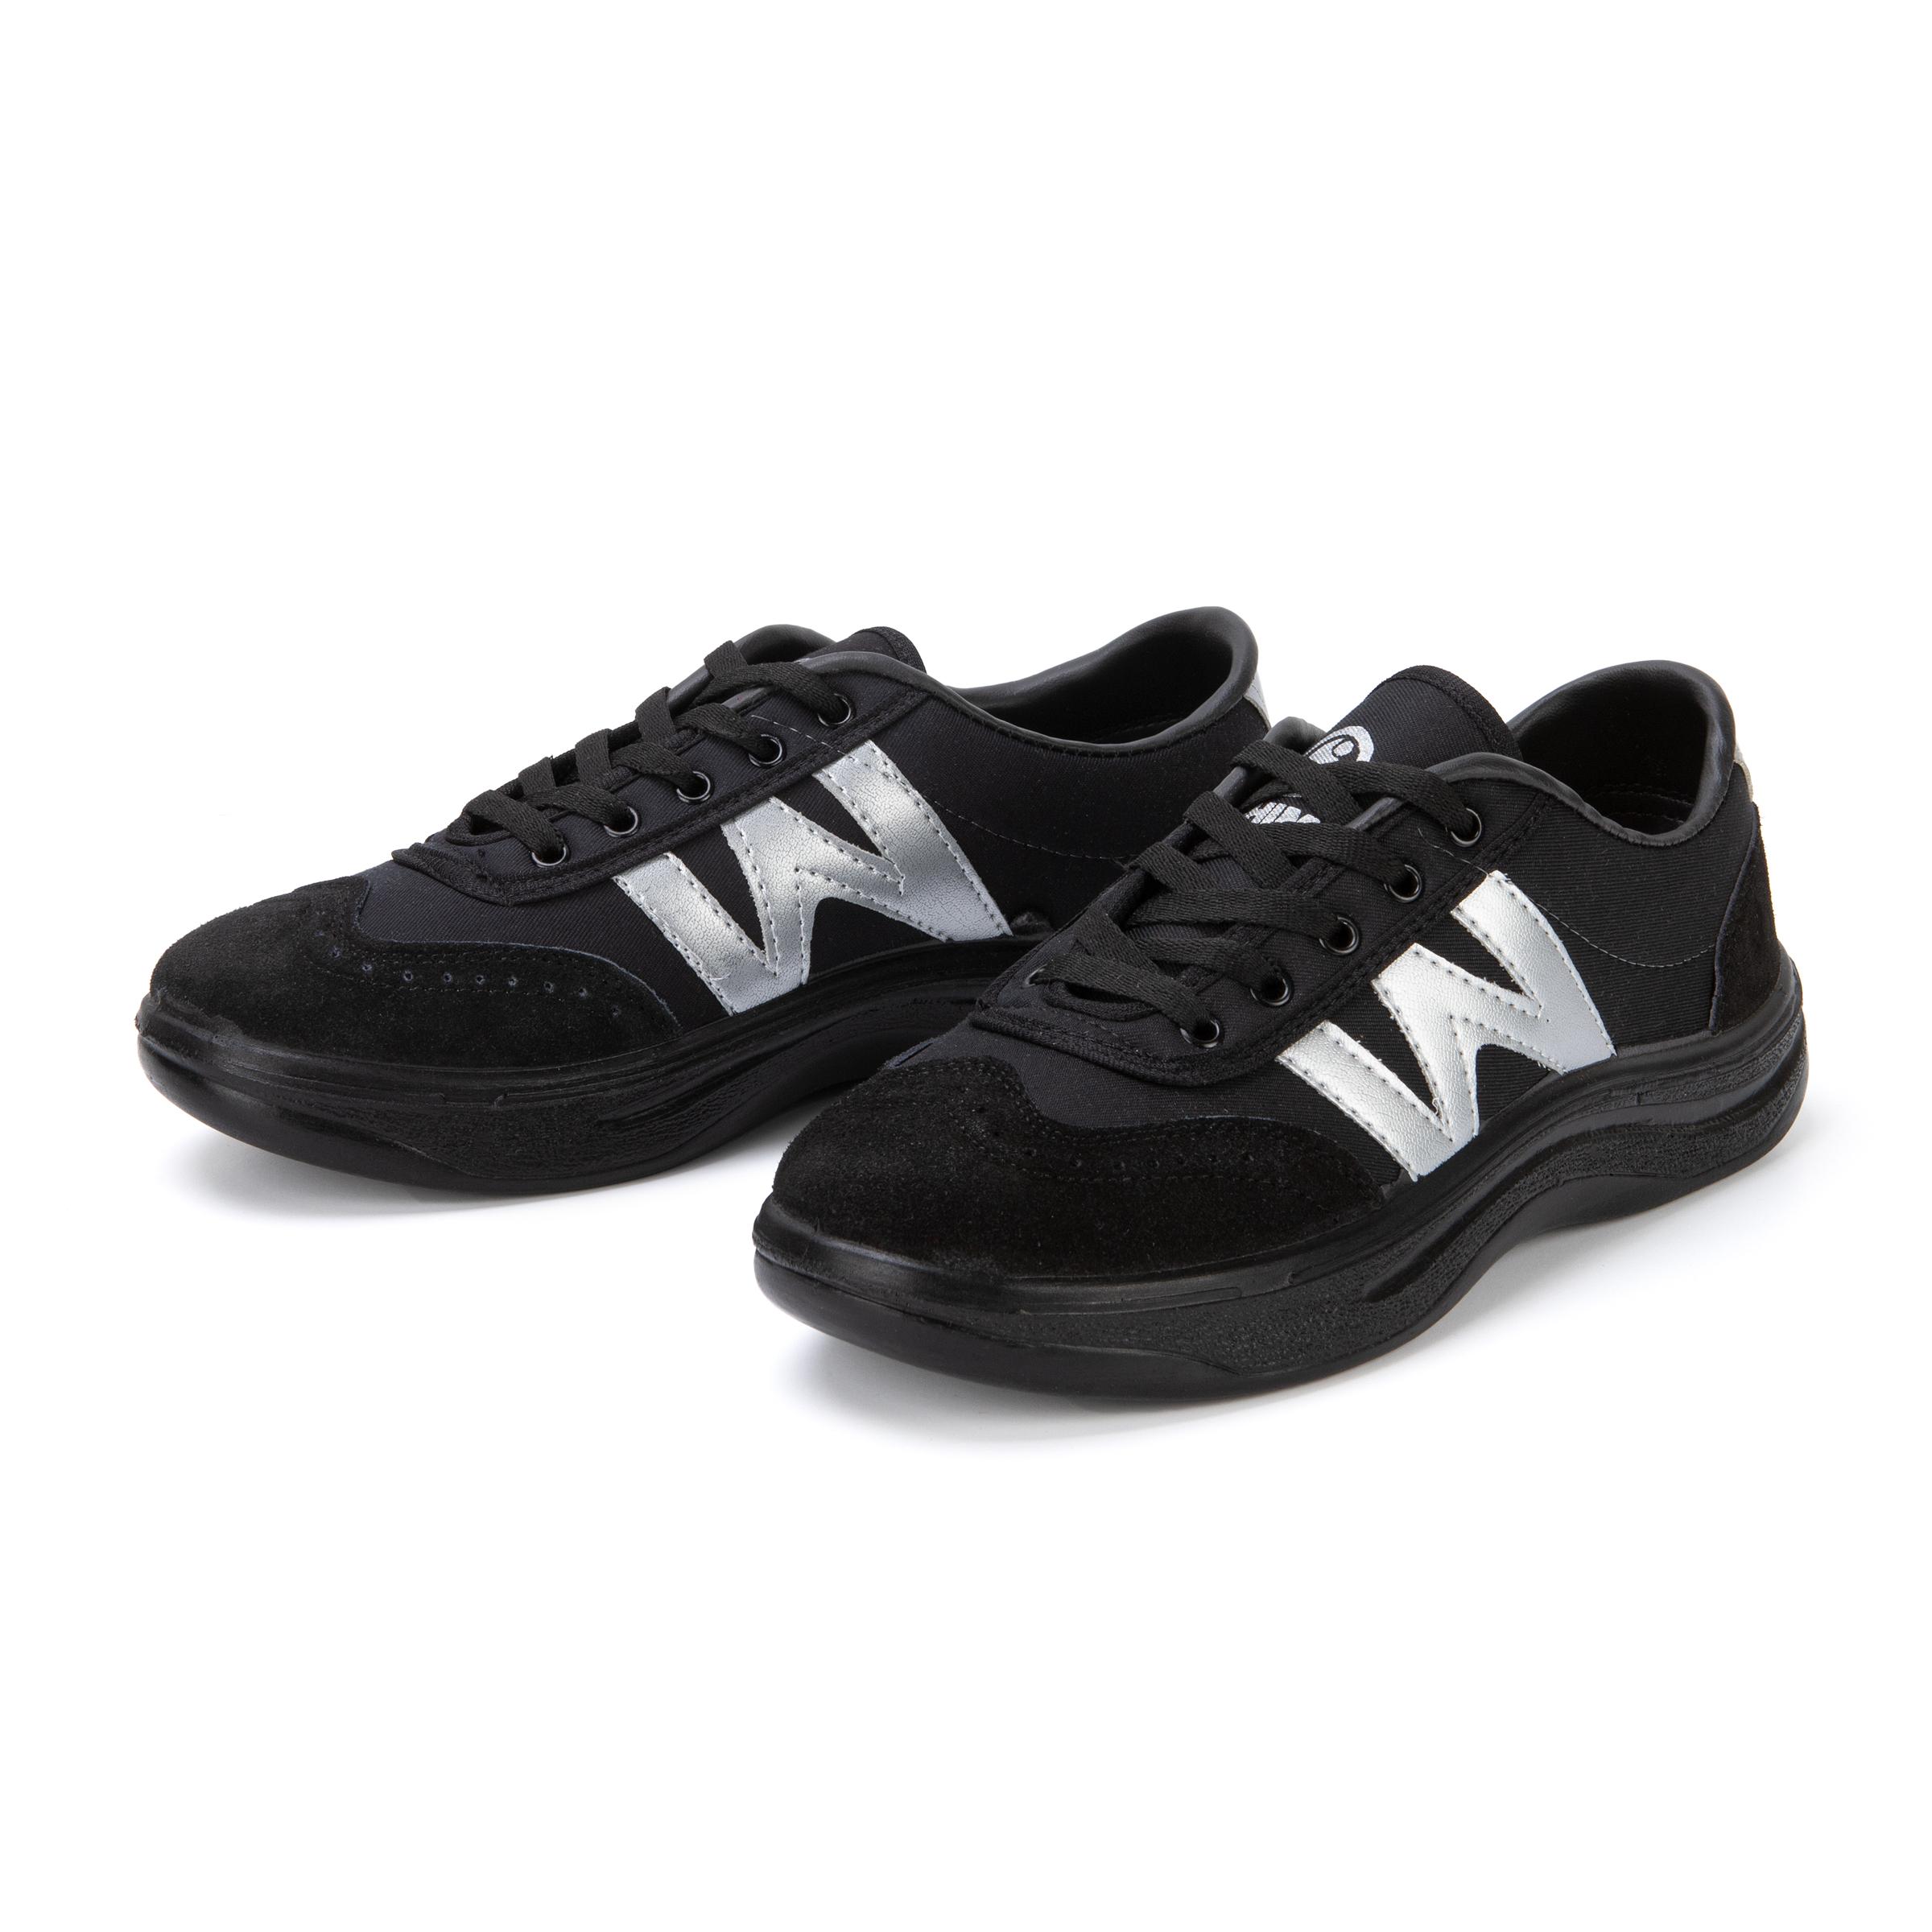 کفش مخصوص پیاده روی مردانه کفش شیما مدل دبلیو